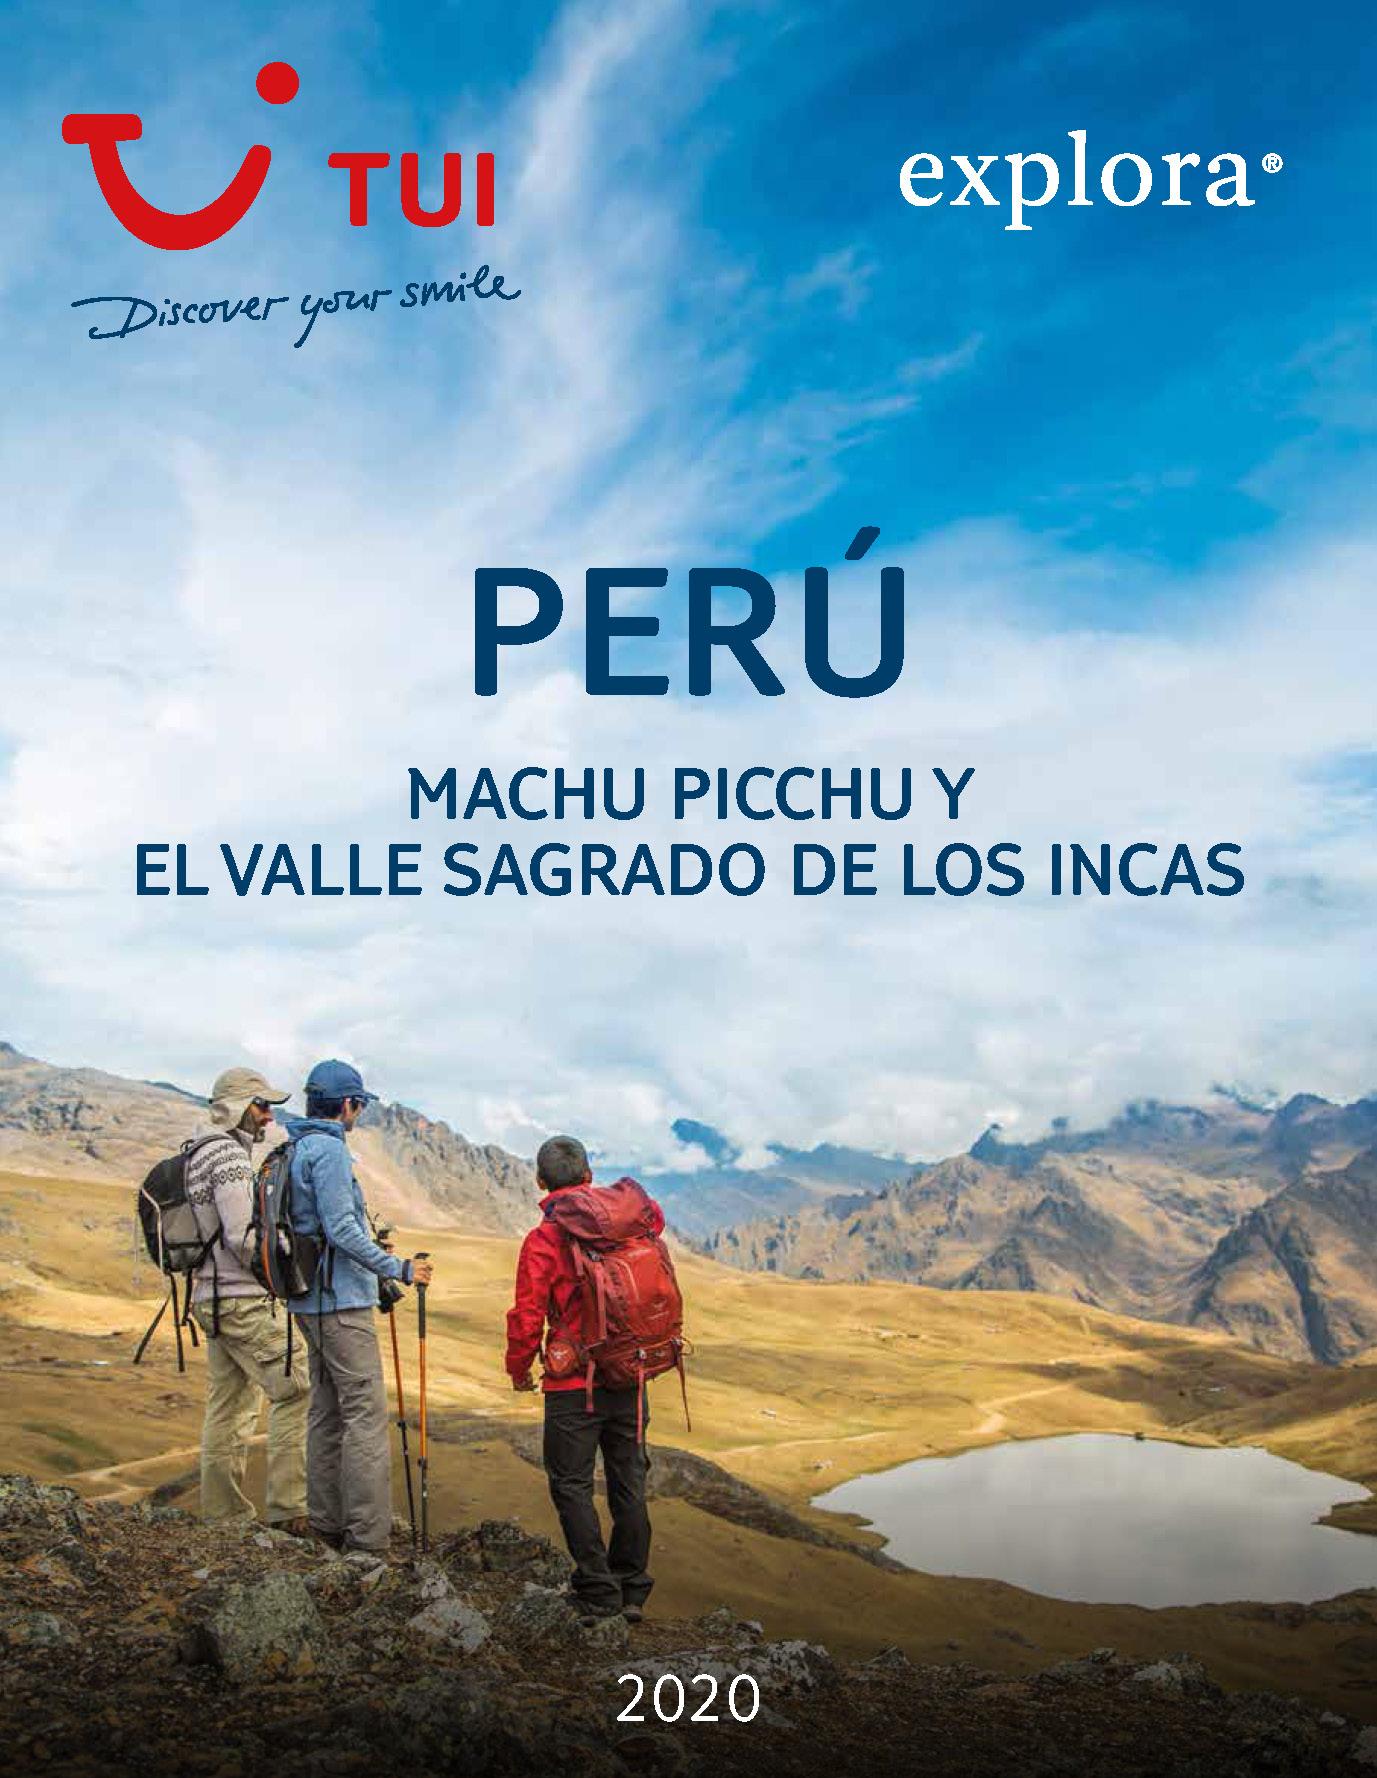 Catalogo TUI Ambassador Tours Peru Explora 2020